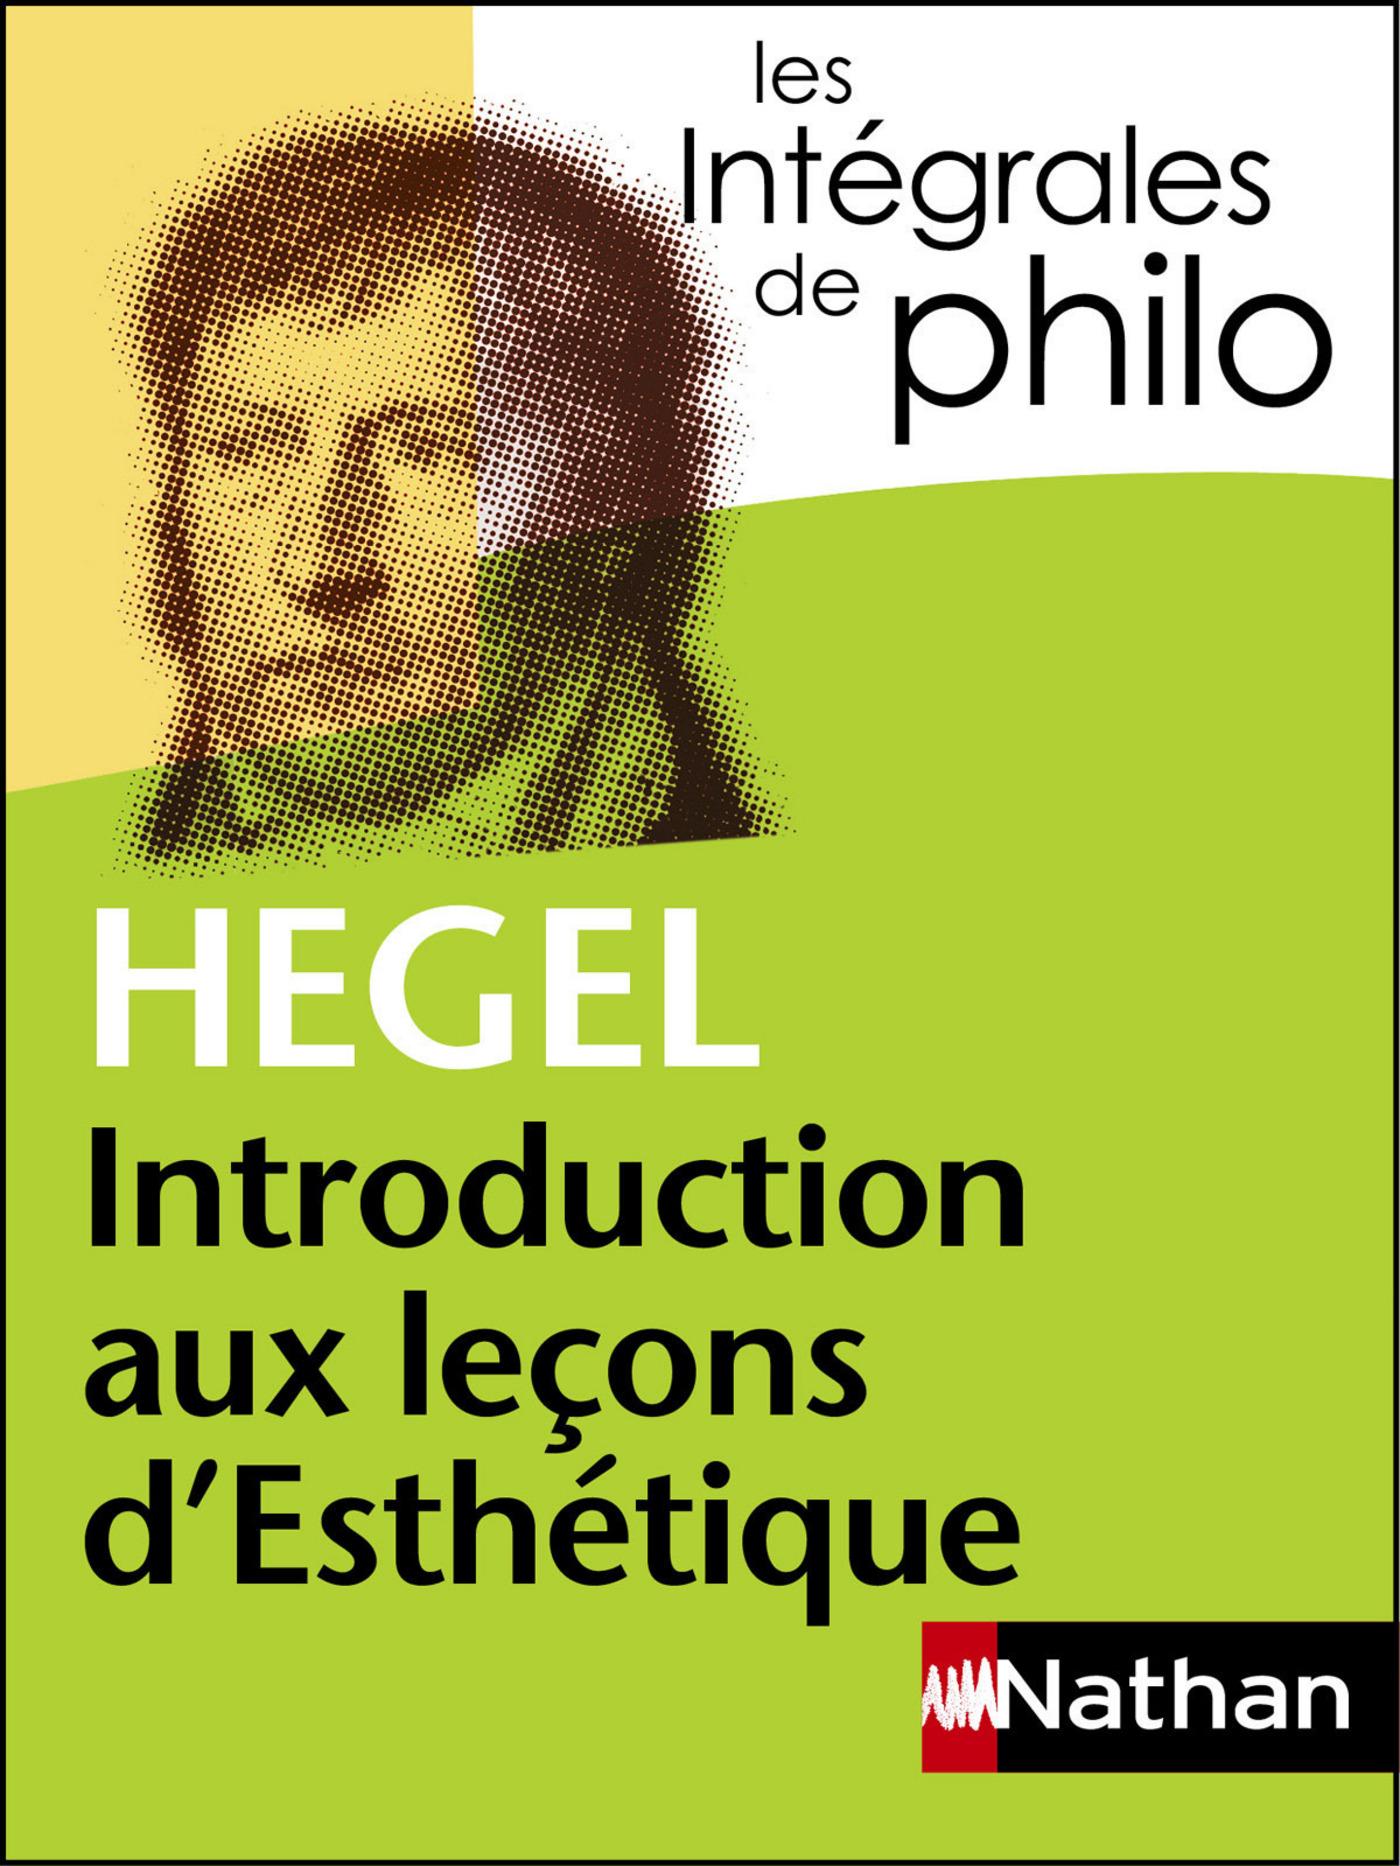 Intégrales de Philo - HEGEL, Introduction aux leçons d'Esthétique